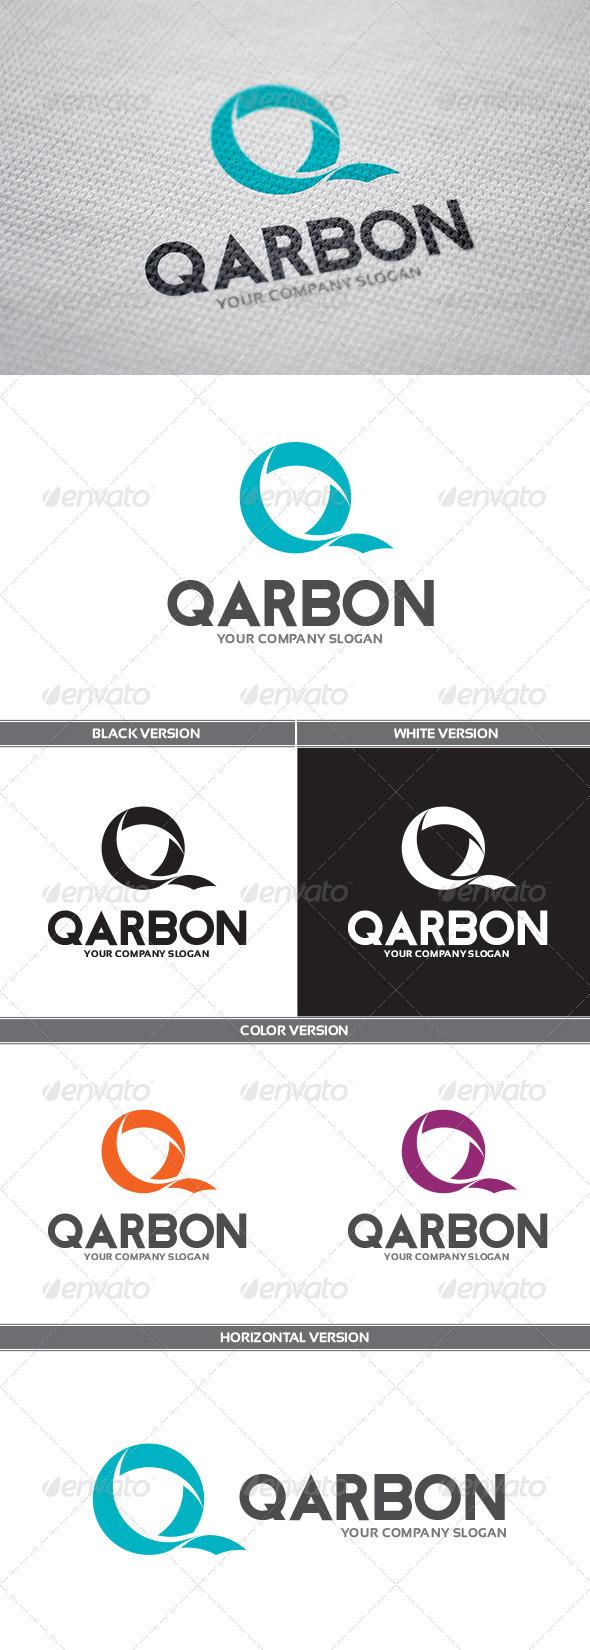 GraphicRiver Qarbon Logo 7745761